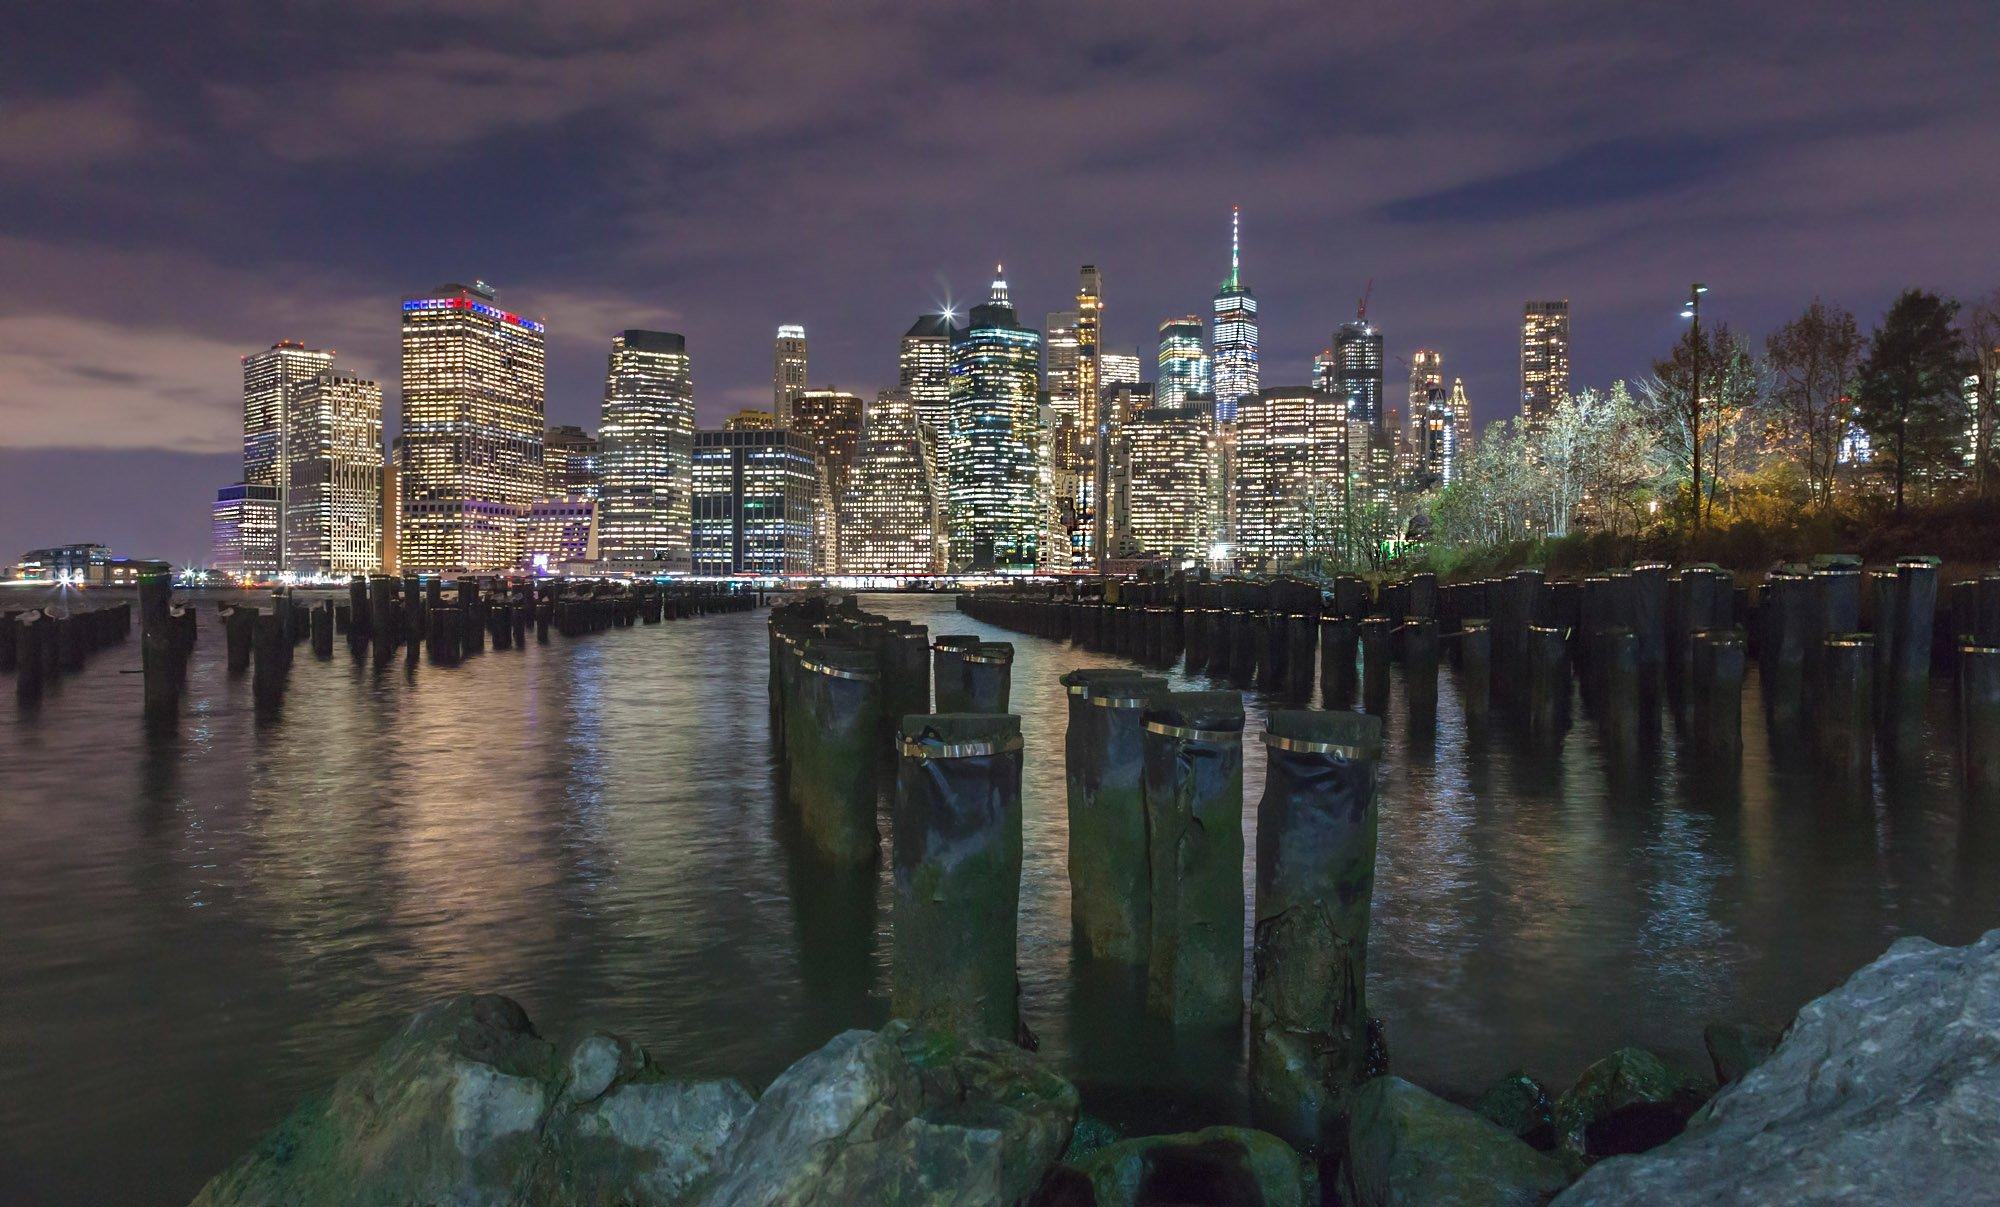 город,нью йорк, манхэттен,архитектура,ночь,отражения,река,истривер,огни,, Антонина Яновска